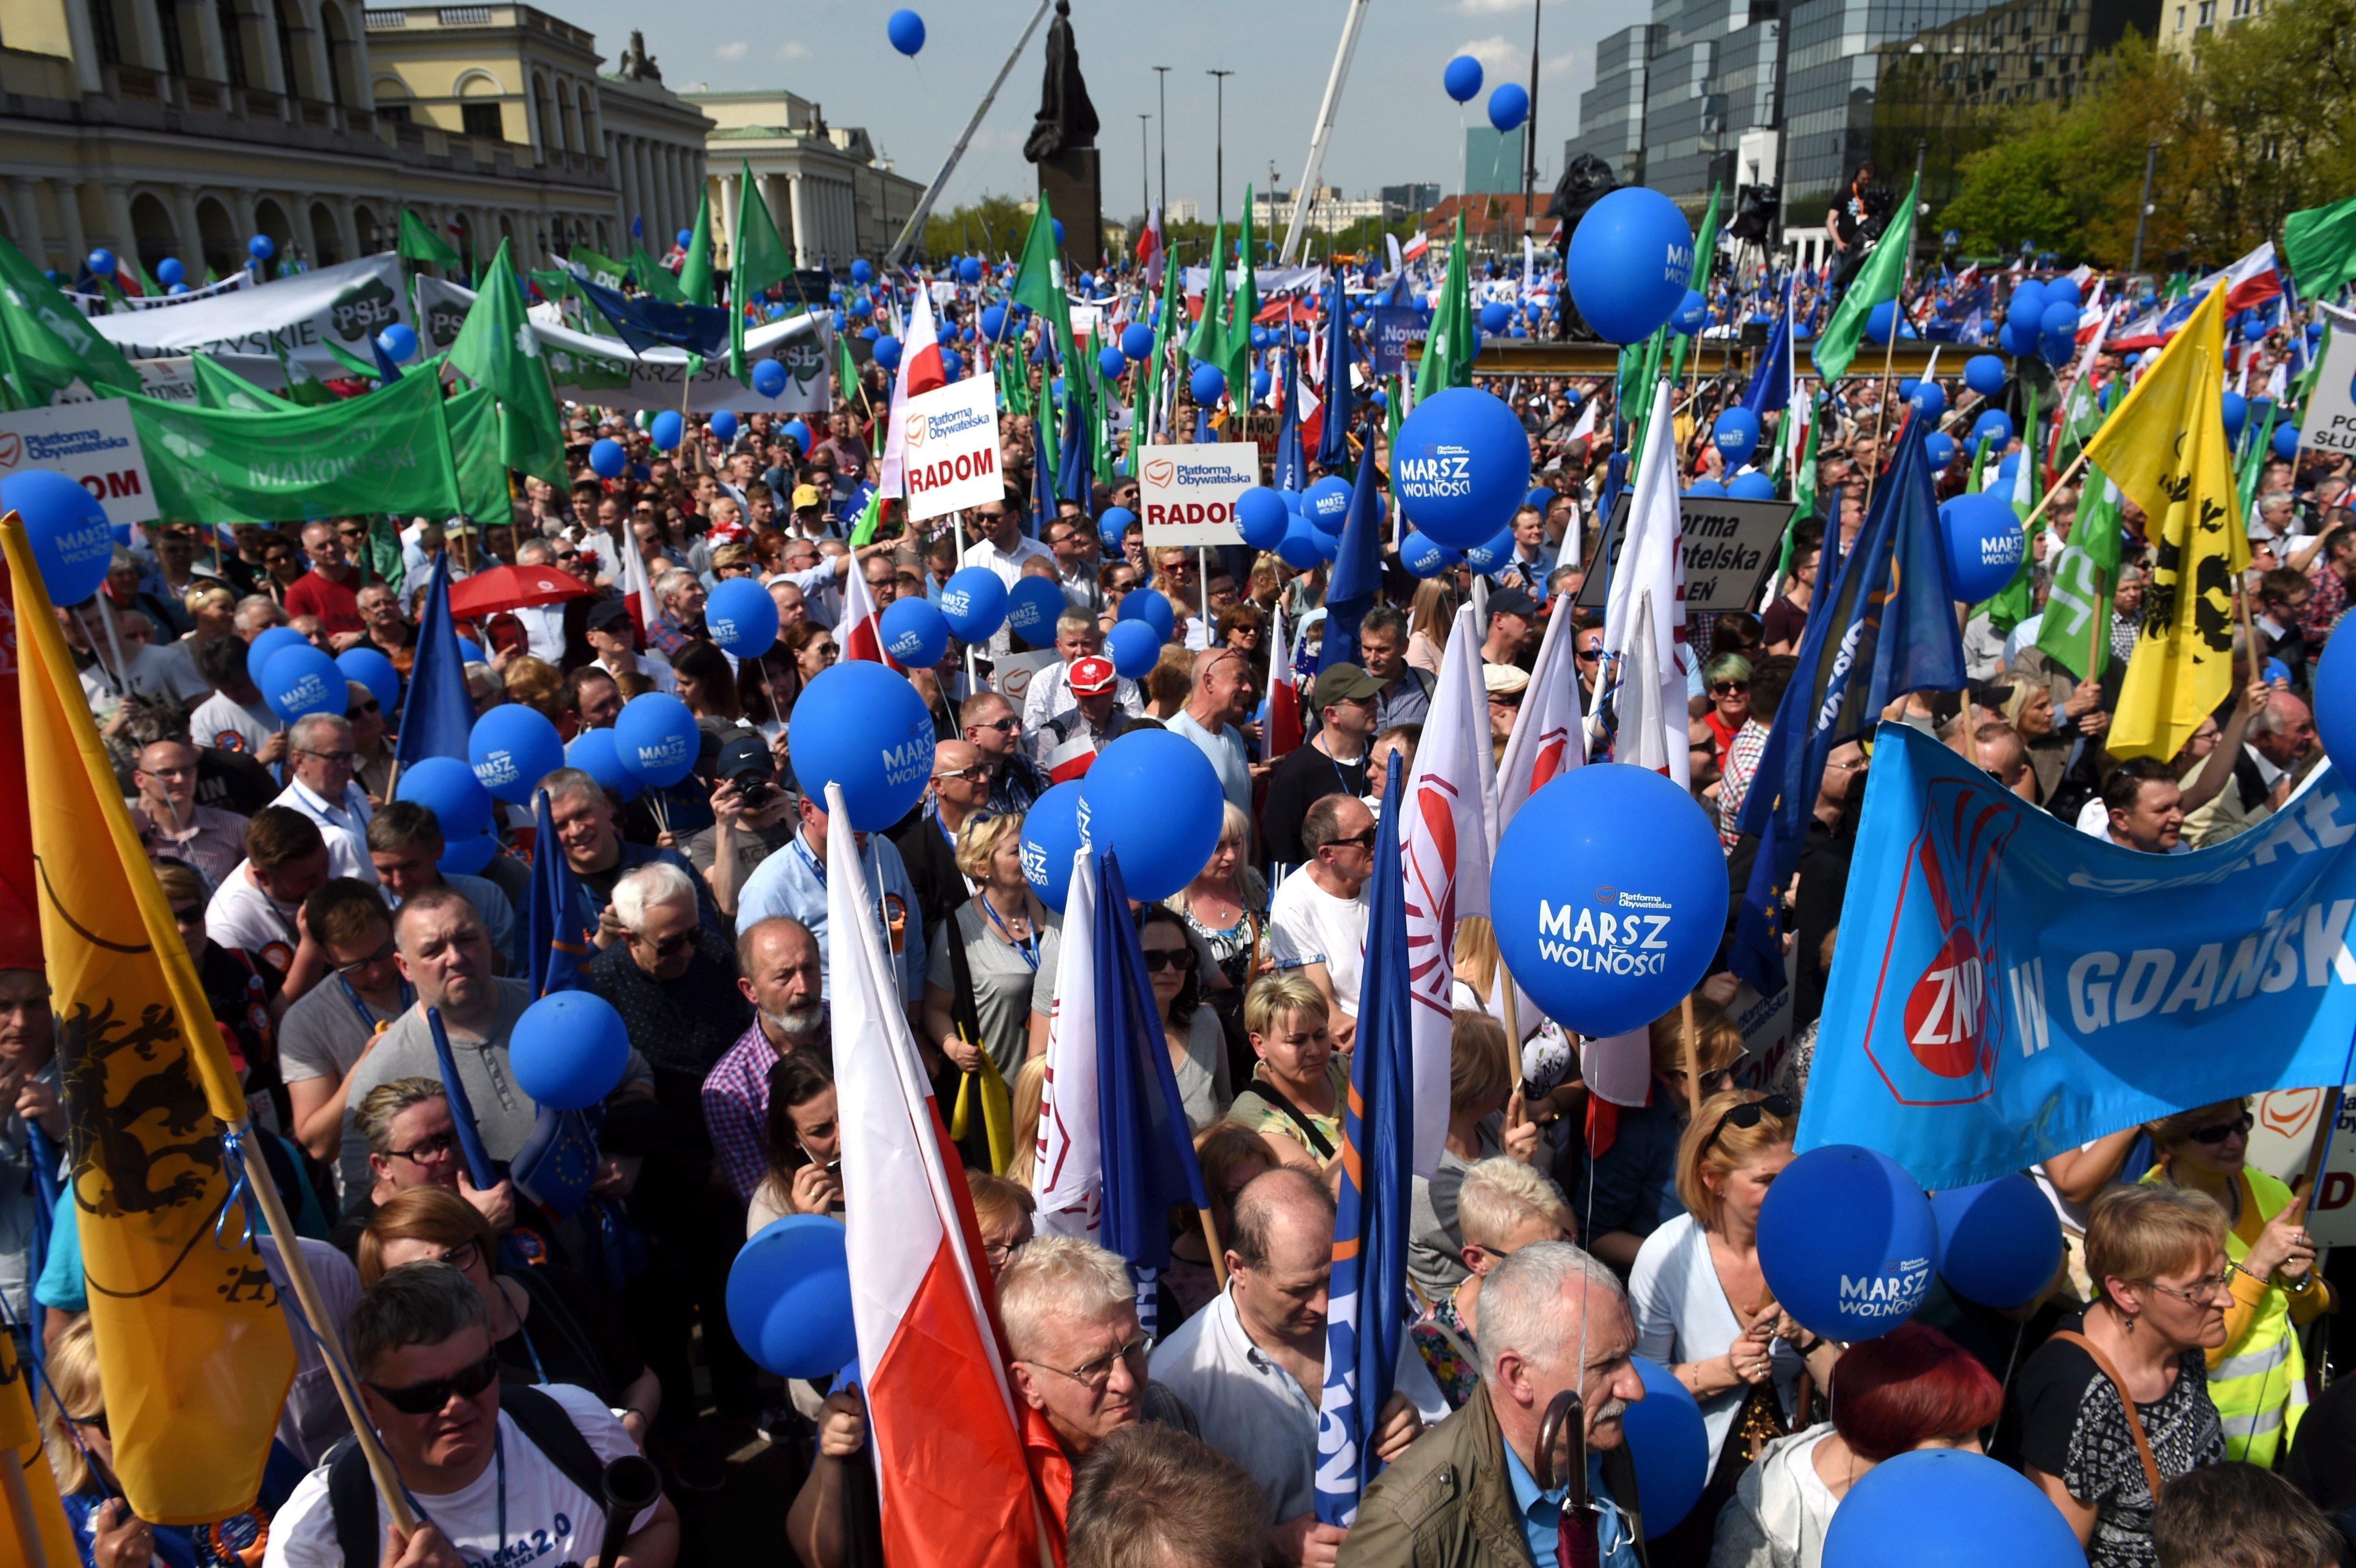 Több tízezren vettek részt a lengyel ellenzék kormányellenes tüntetésén